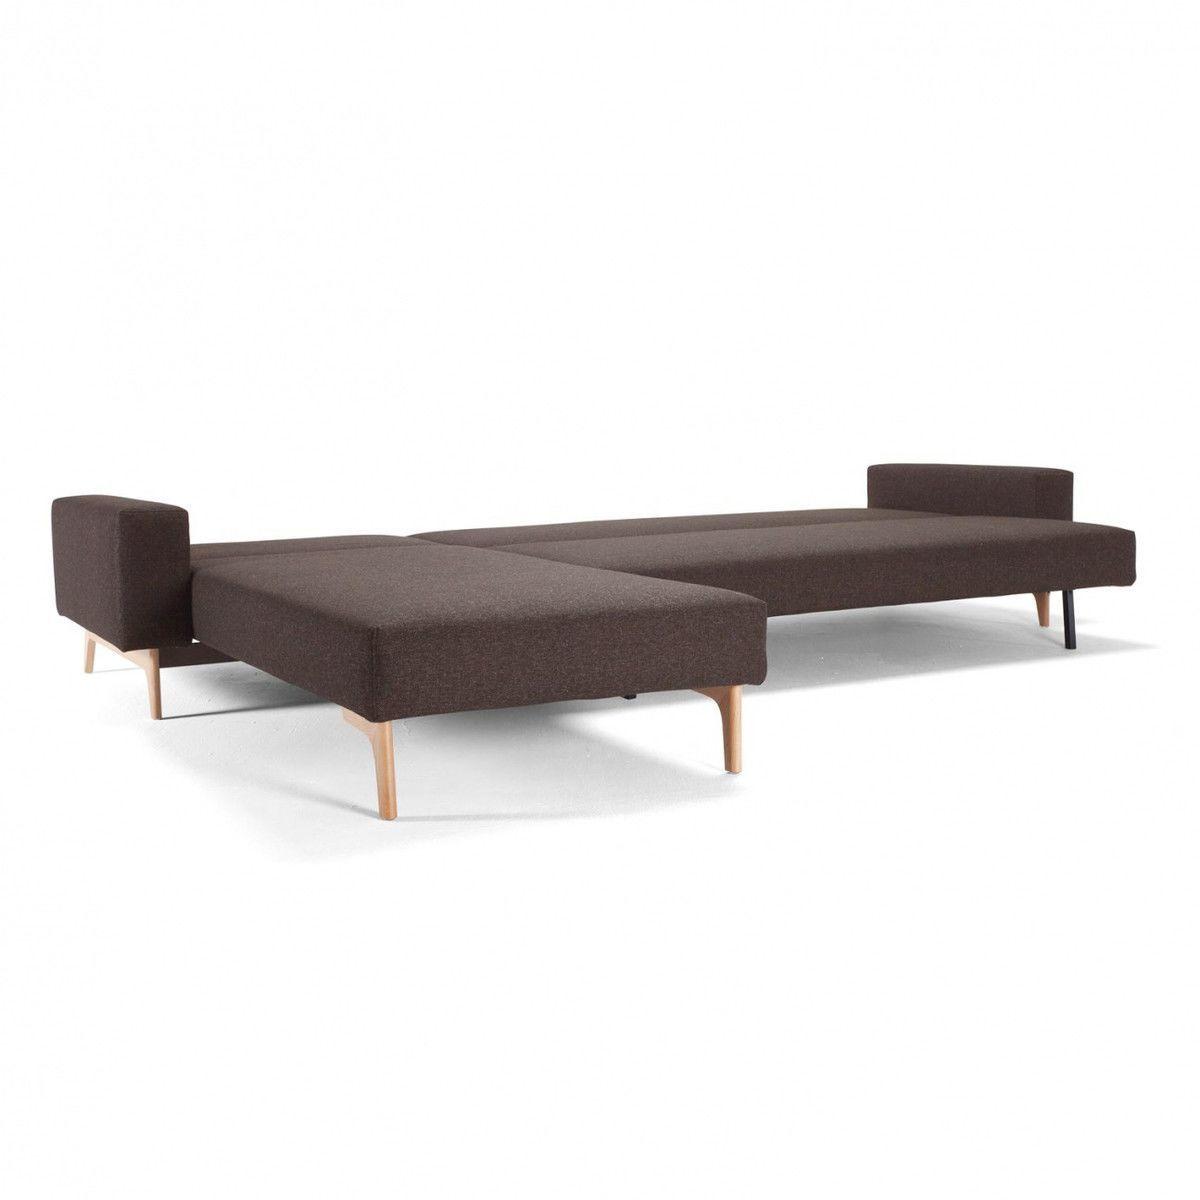 Idun Lounger Sofa Bed Innovation